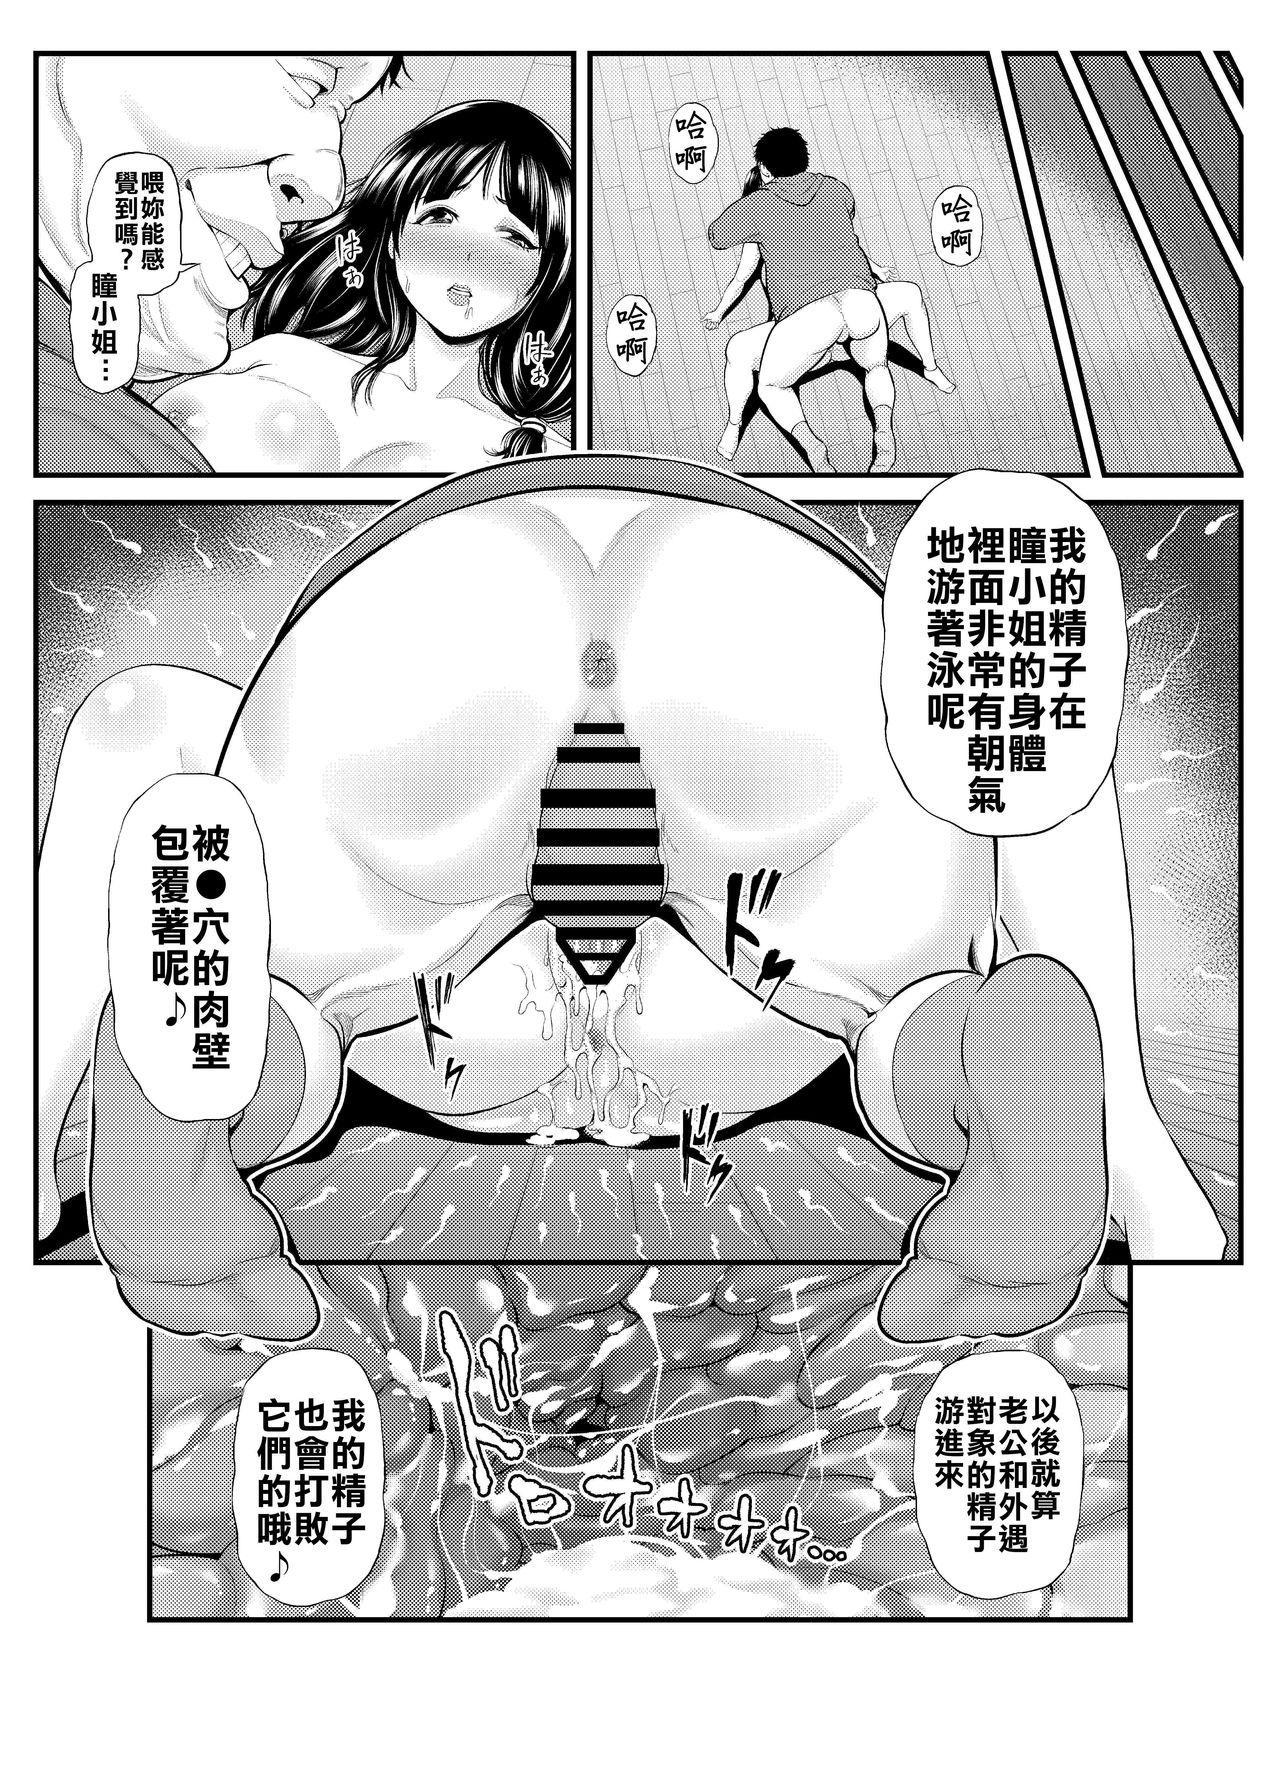 Hitozuma ni Koi Shita Boku wa, Hitozuma no Yowami o Nigitte...   愛上人妻的我,抓到了人妻的小辮子… 21